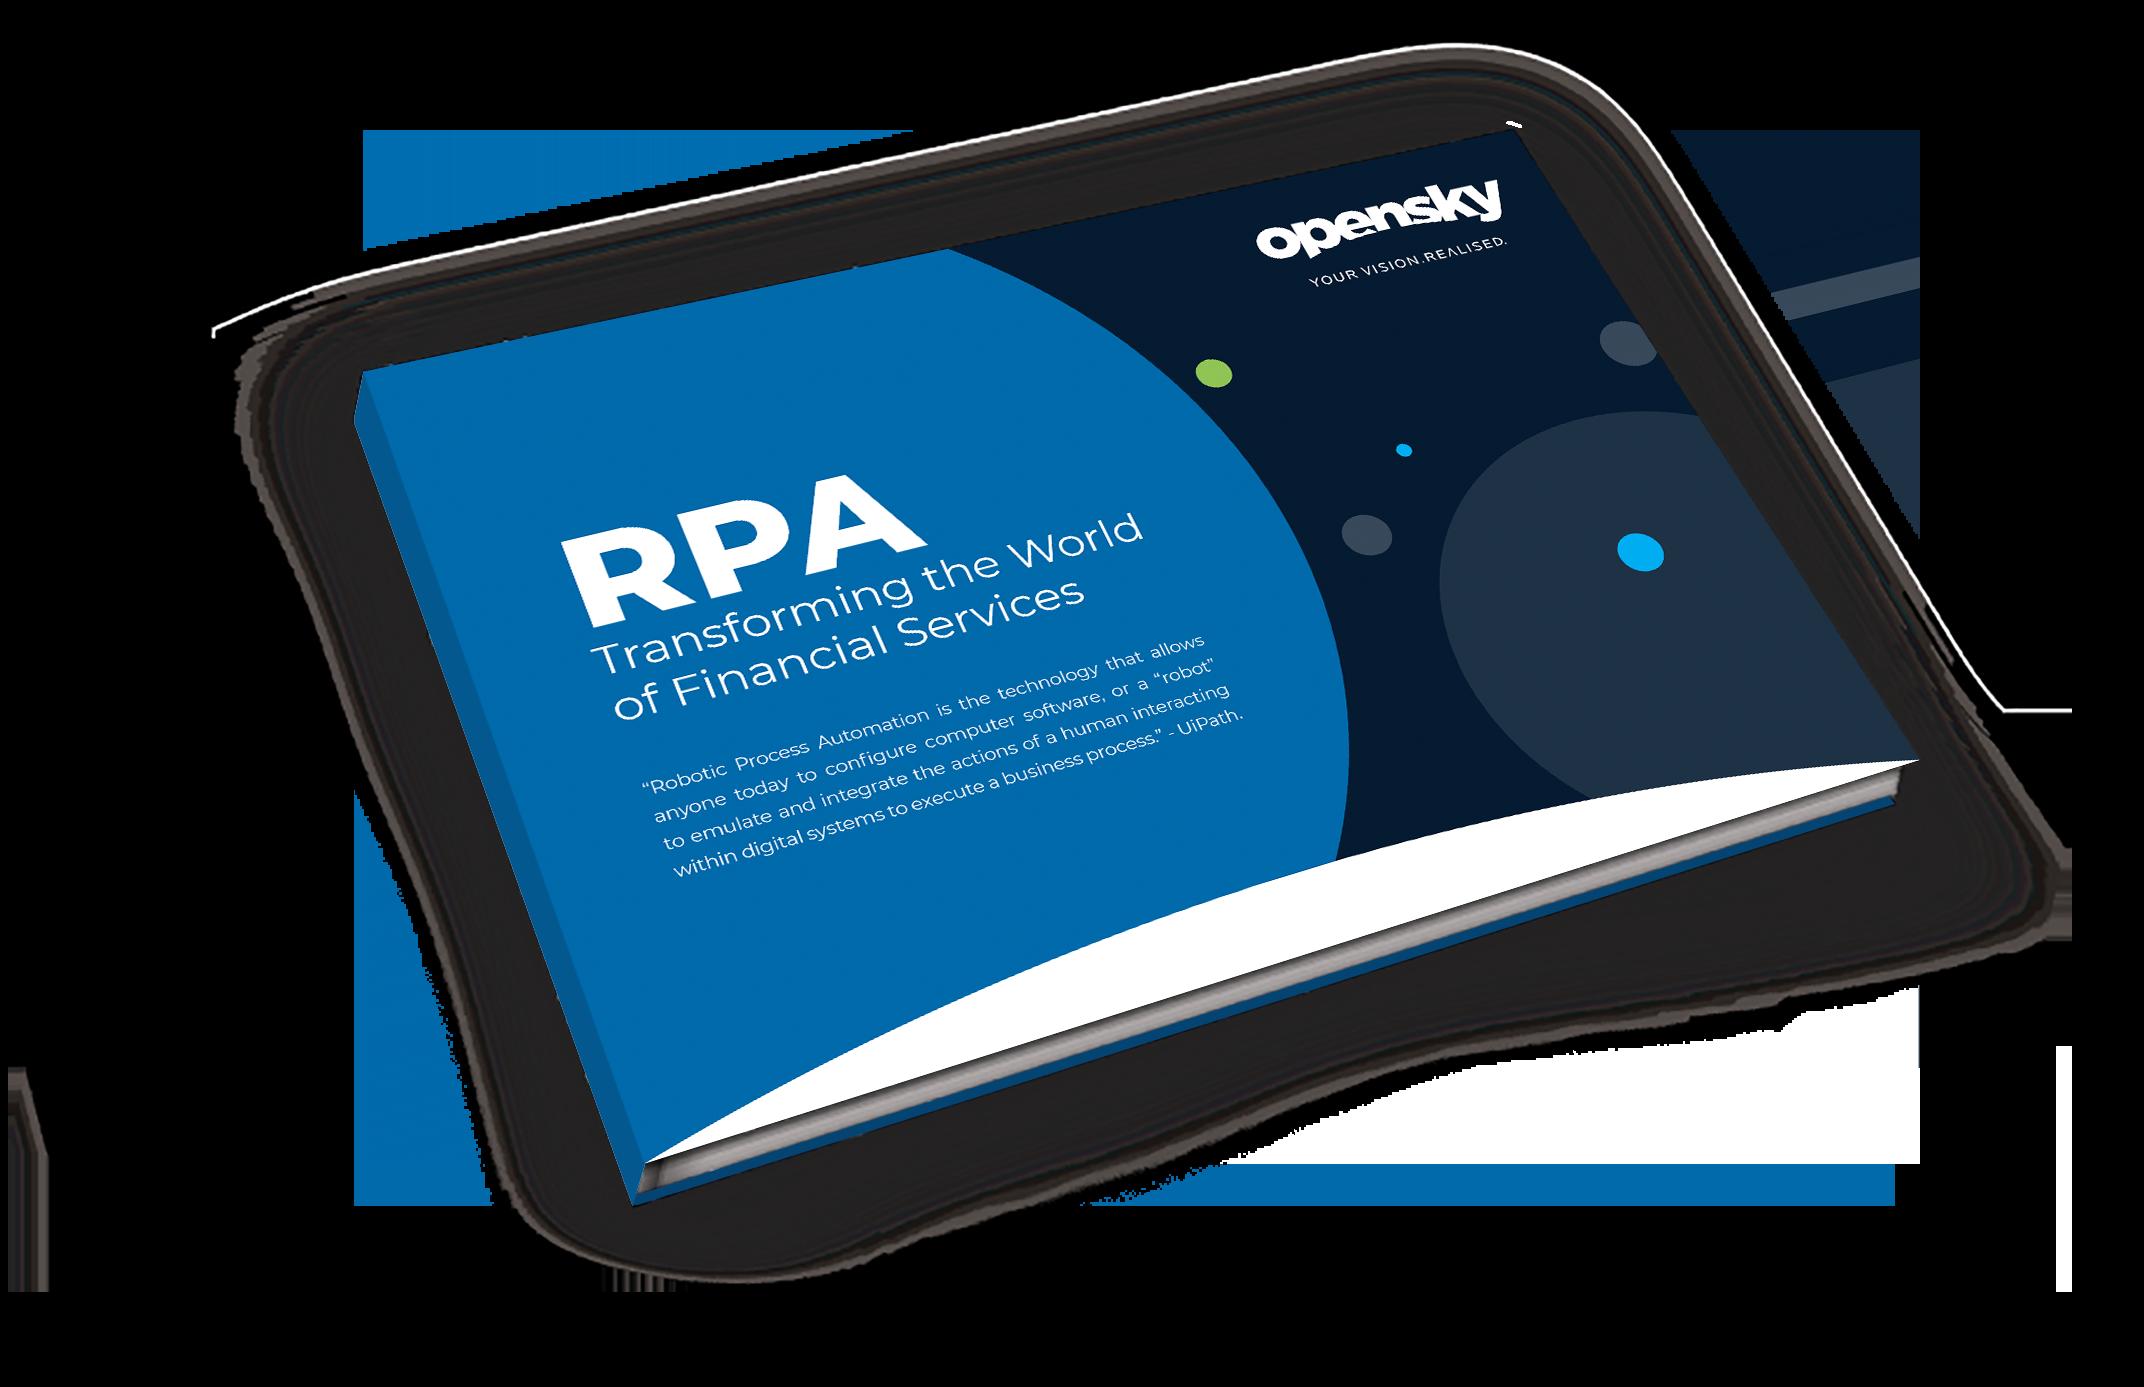 RPA eBook Image